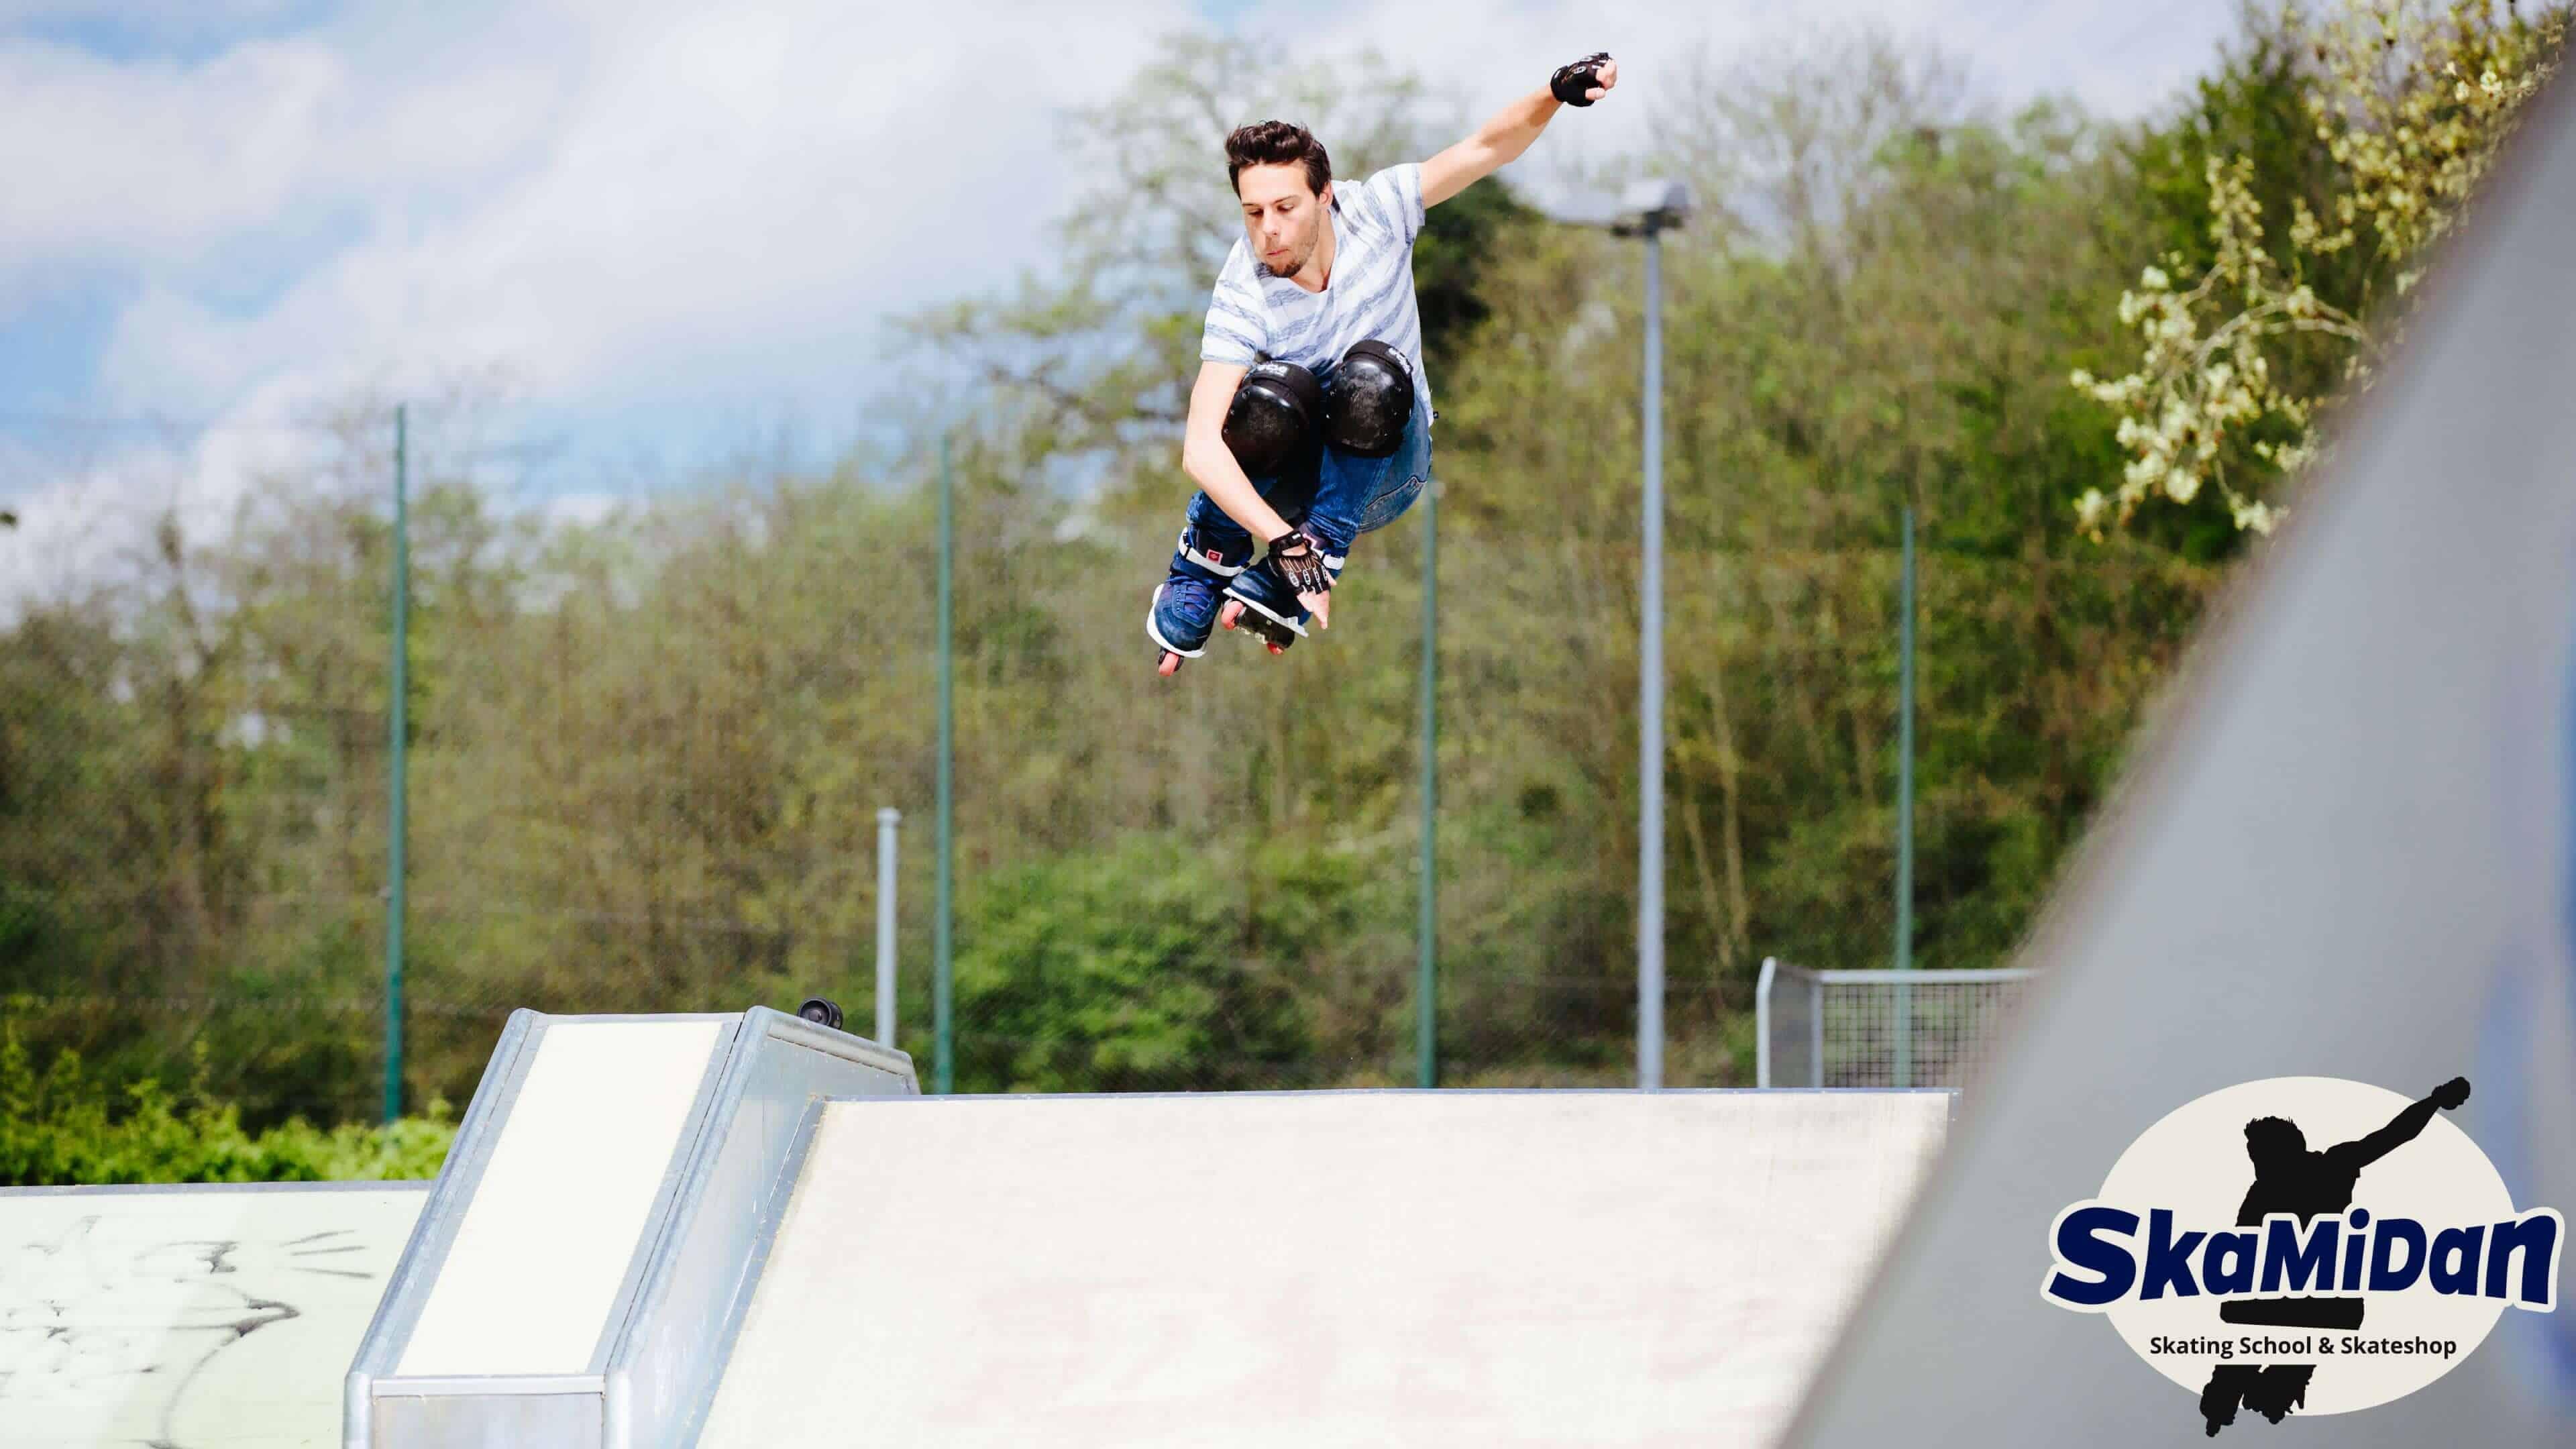 SkaMiDan Unternehmensgeschichte von SkaMiDan Skating School Skateshop Weil am Rhein Basel Lörrach Freiburg und Region Skateschule Inliner Skates Rollschuhe 2016